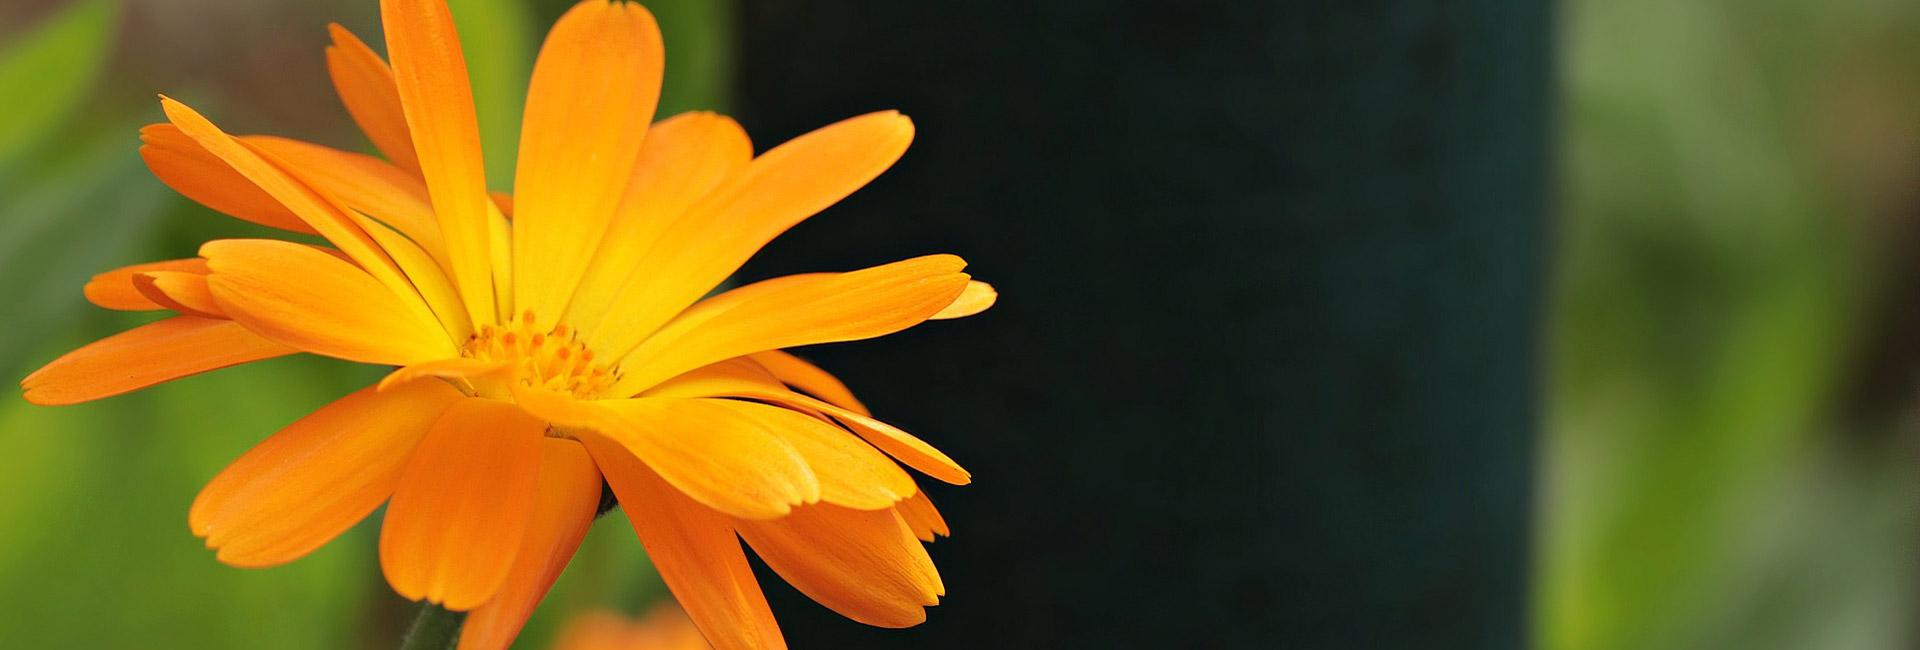 Orange Blume - Pflegedienst Simbach